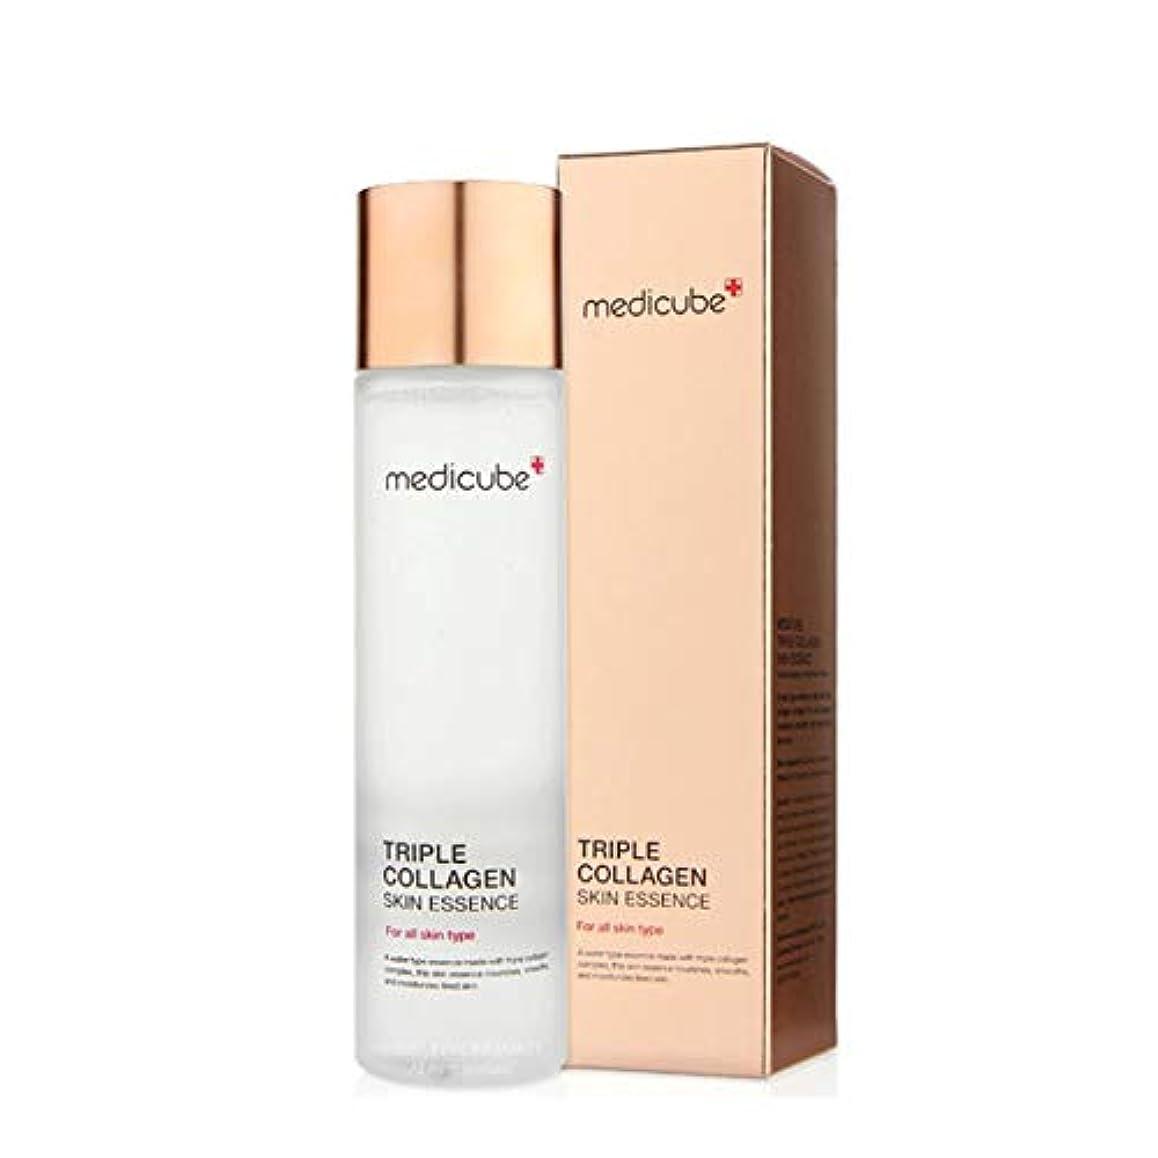 勇気瞑想するショップメディキューブトリプルコラーゲンスキンエッセンス140ml 韓国コスメ、Medicube Triple Collagen Skin Essence 140ml Korean Cosmetics [並行輸入品]